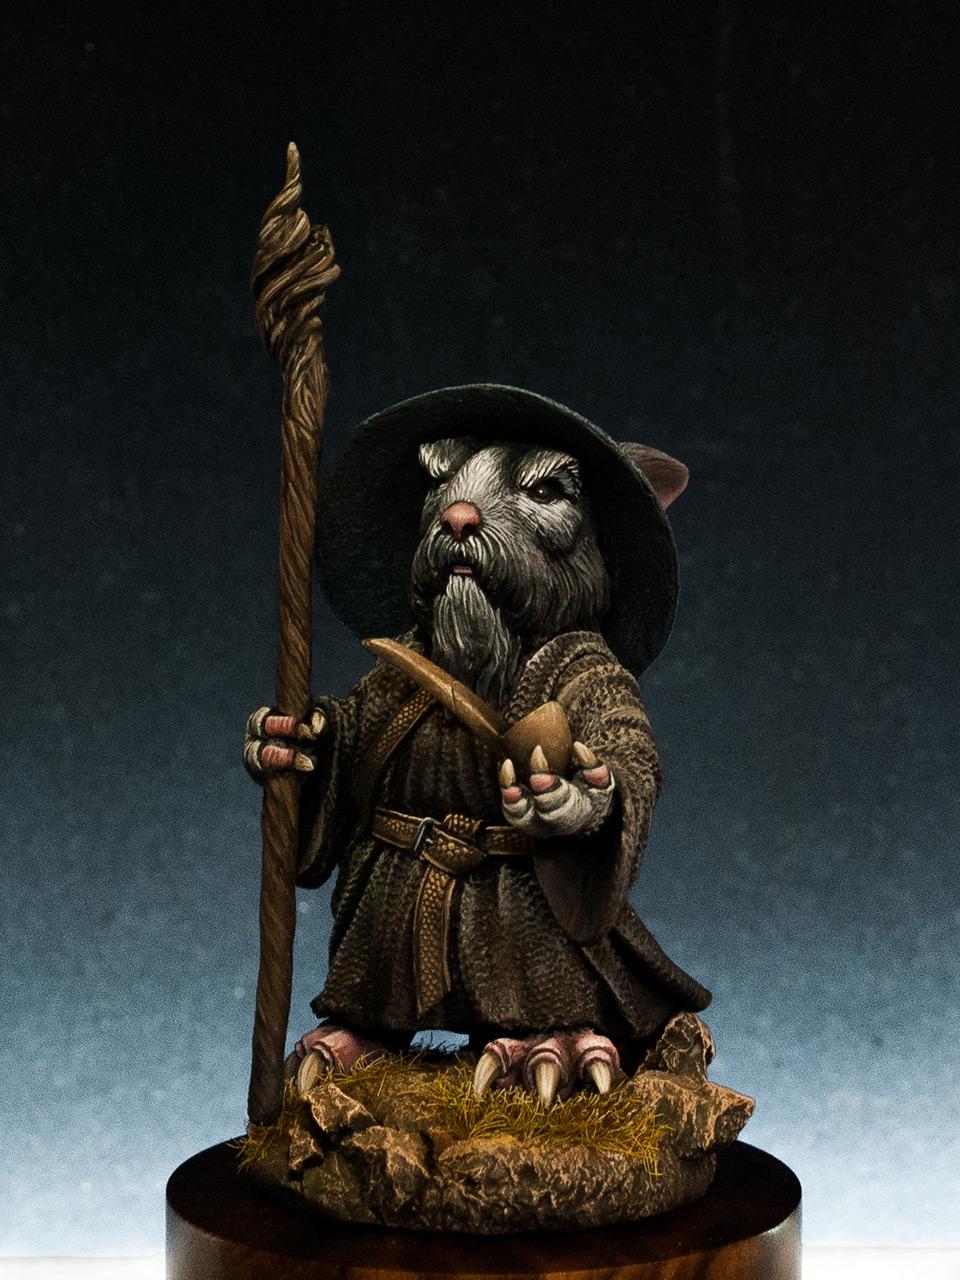 Miscellaneous: Graydalf, photo #3